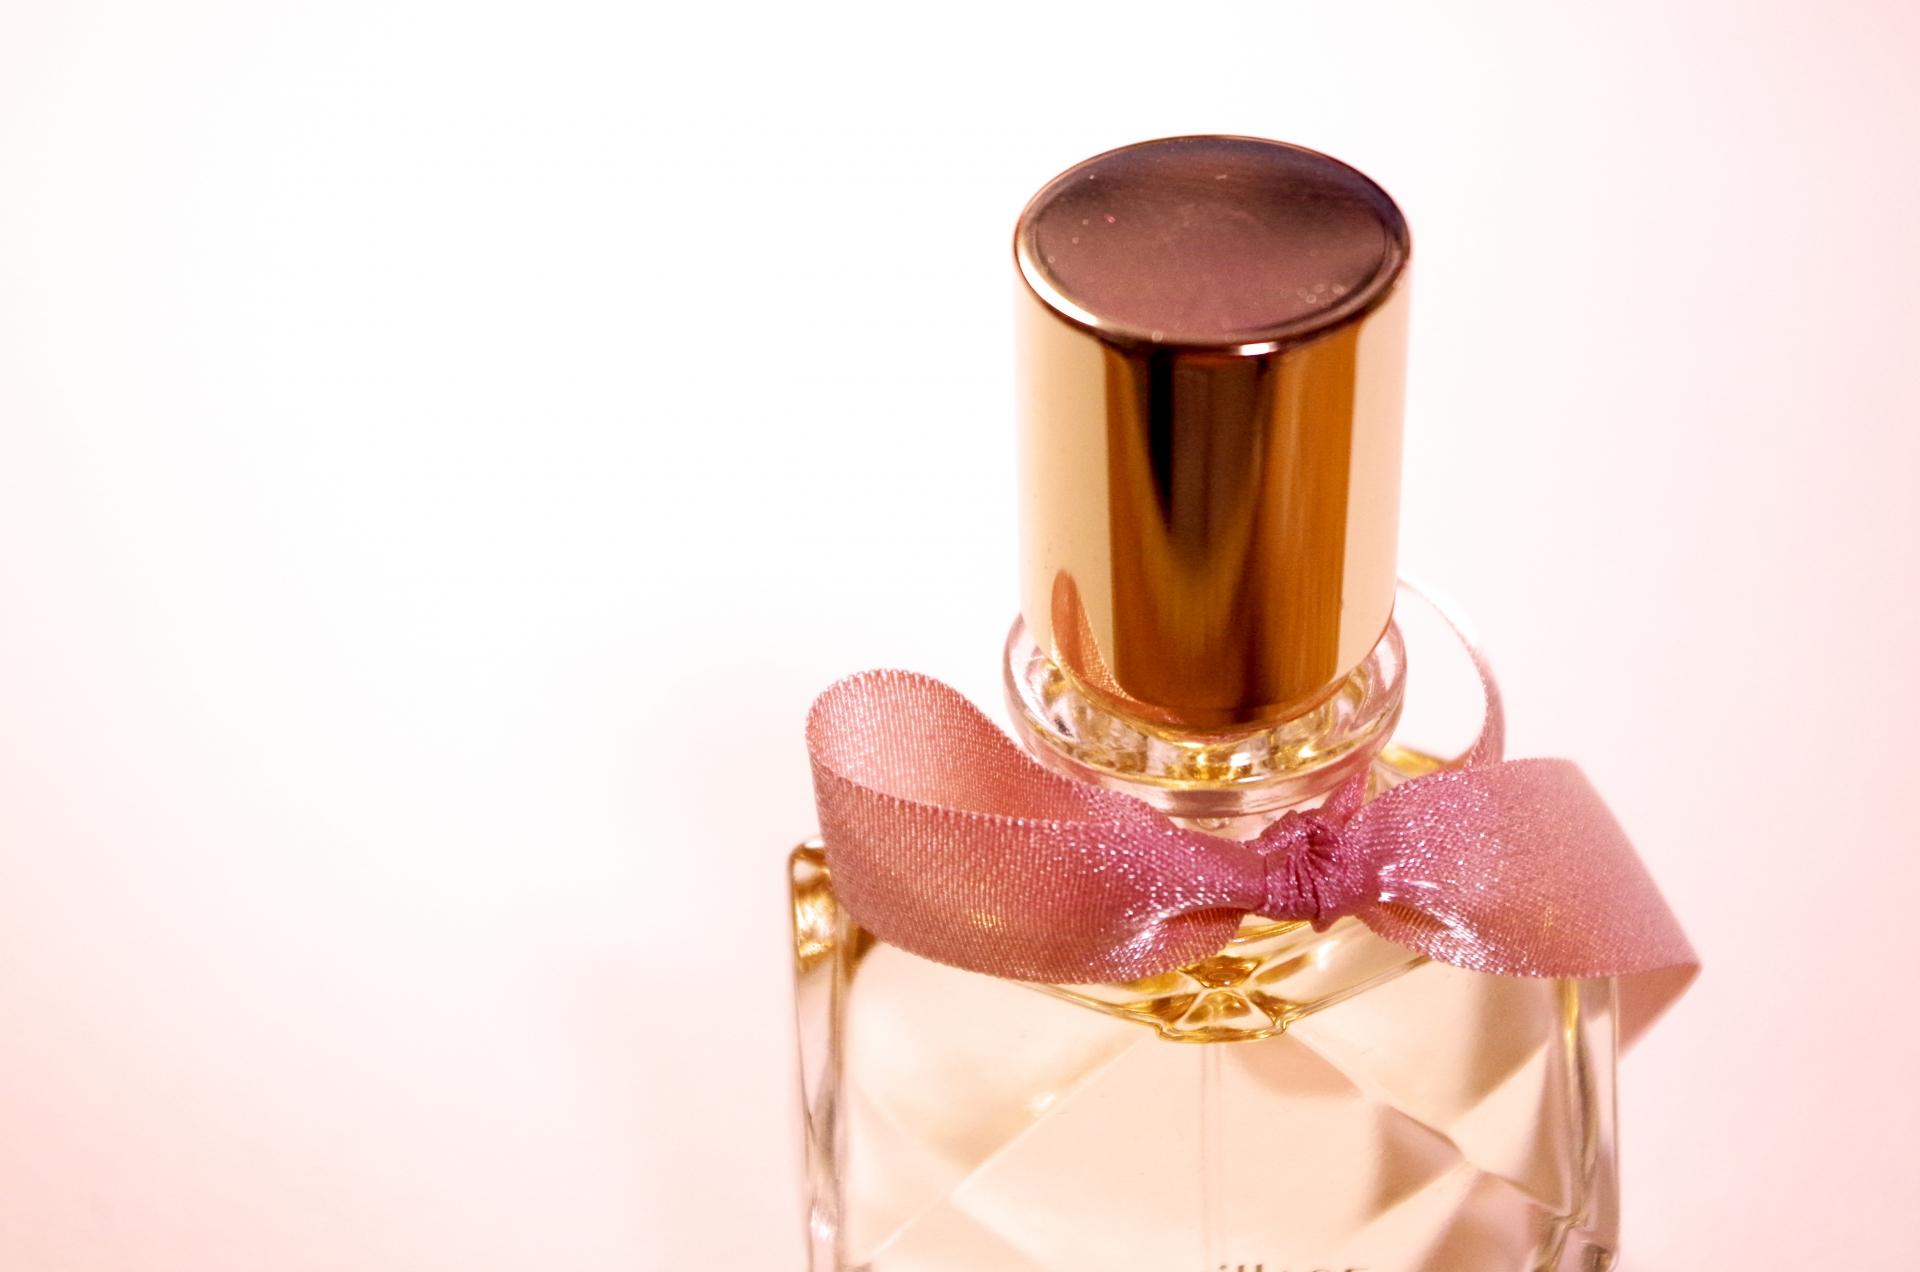 オシャレな小瓶に入った香水